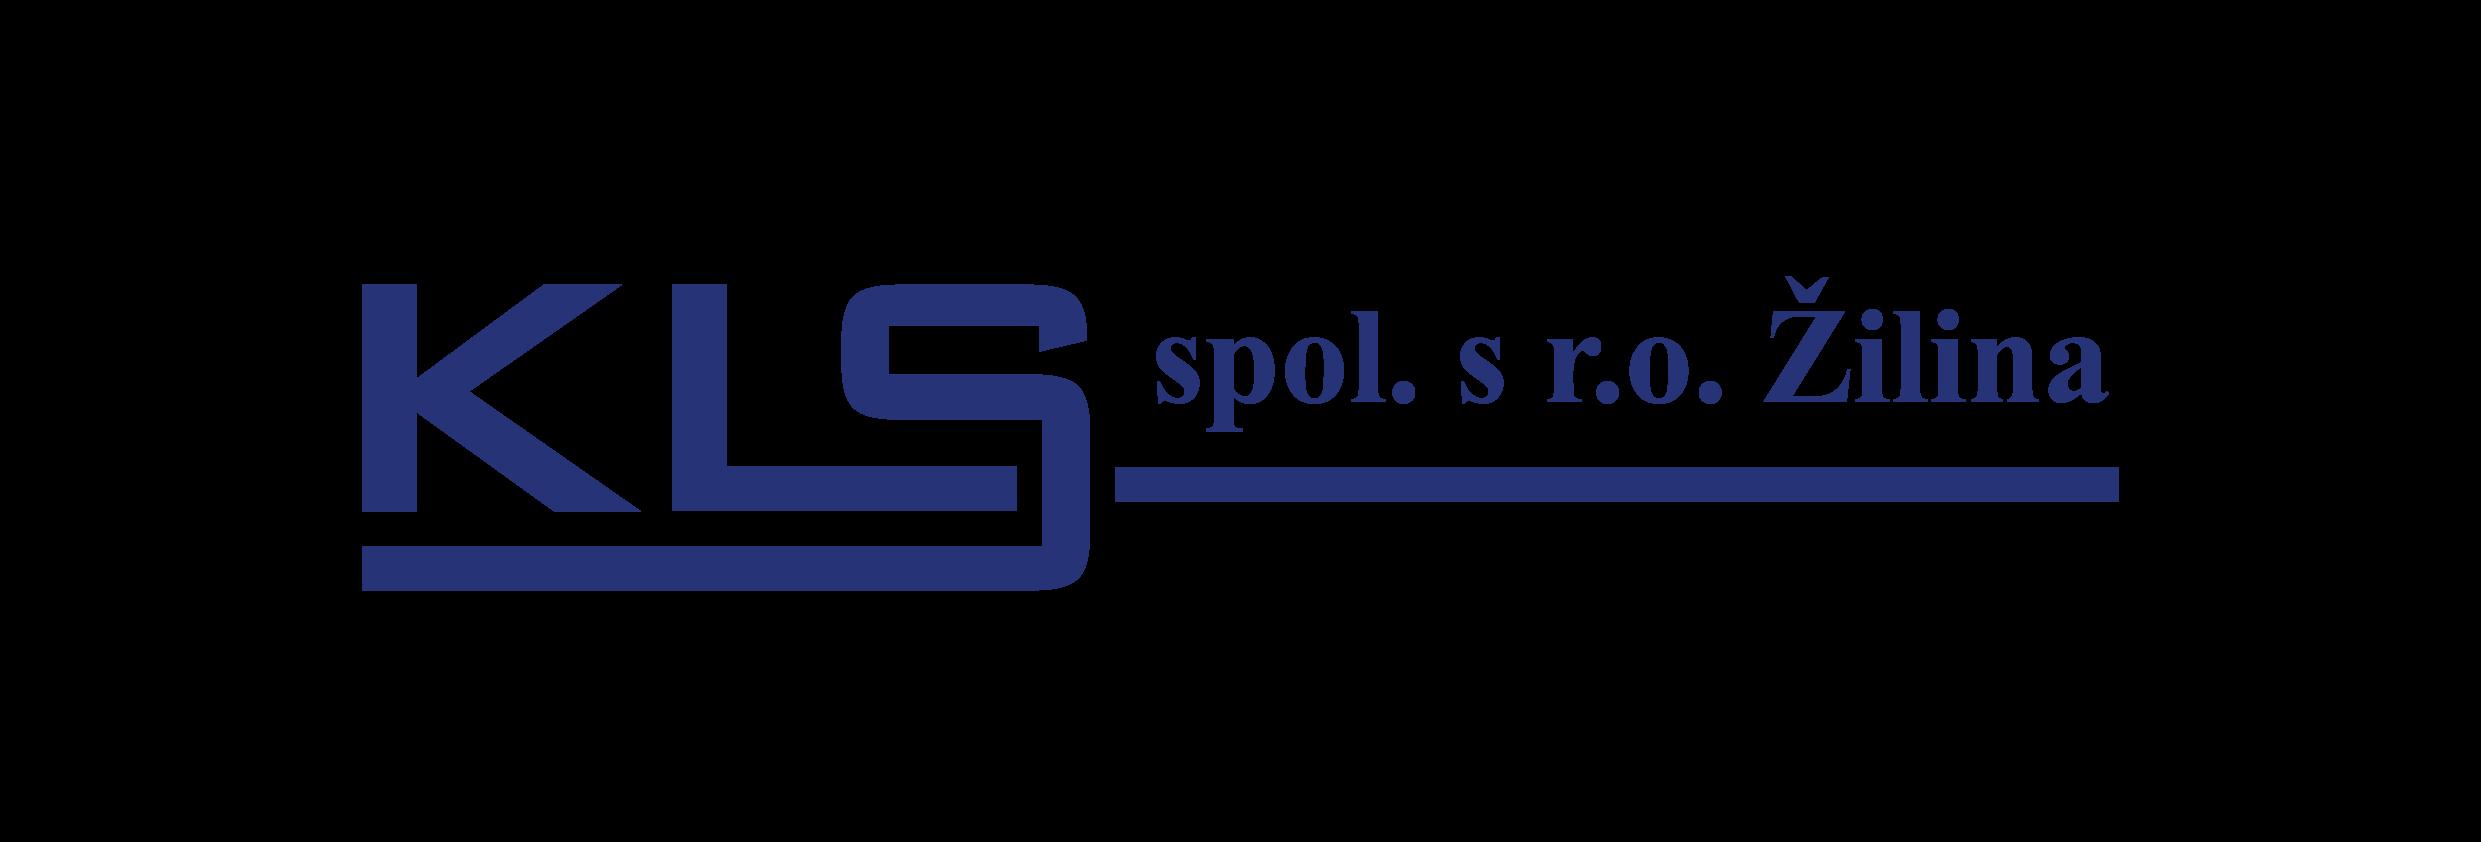 KLS-Zilina-logo